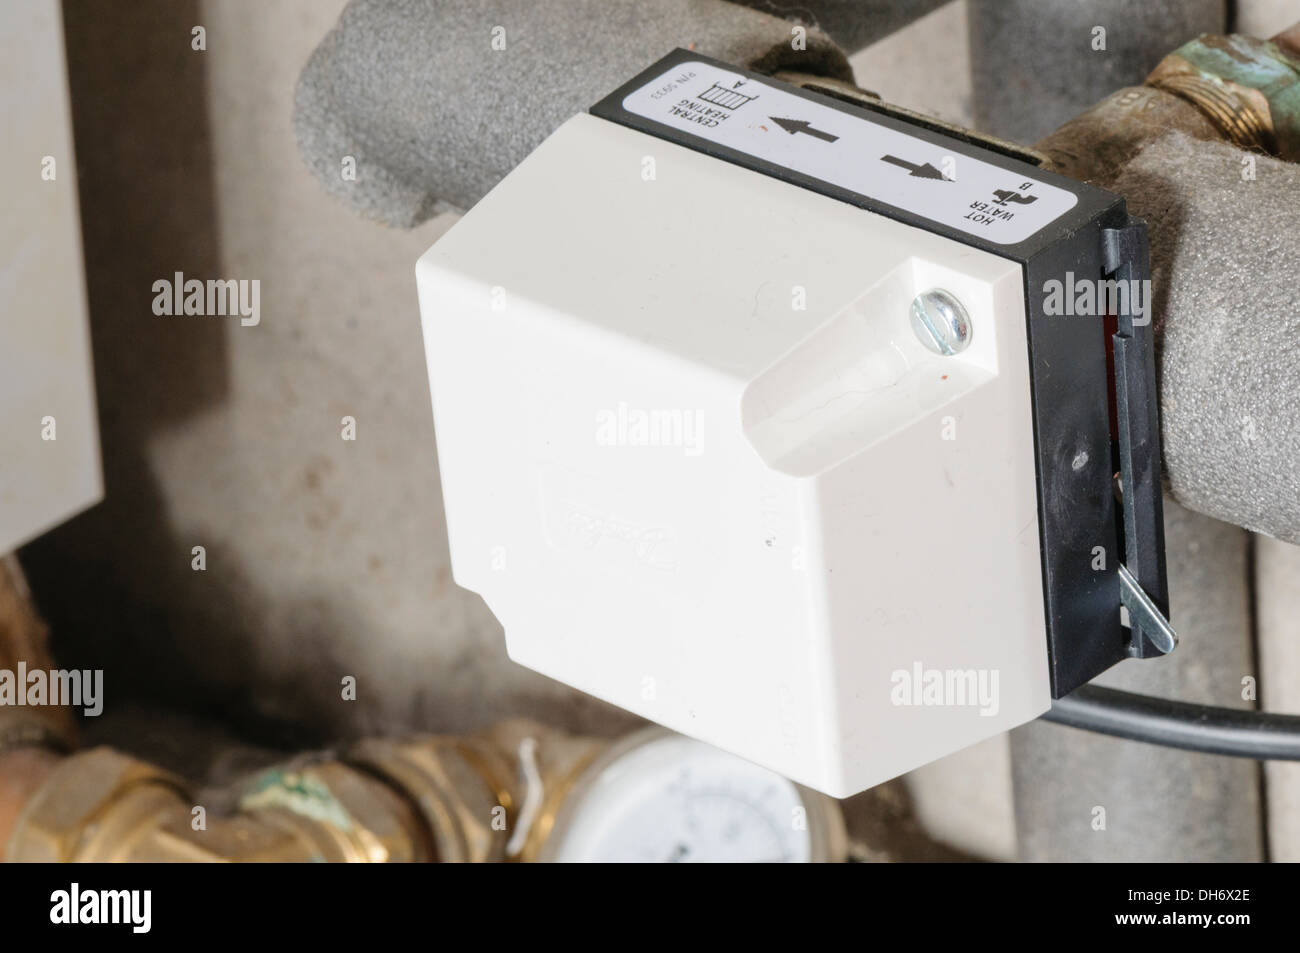 Charmant Warmwasser Tank Zentralheizung Fotos - Elektrische ...